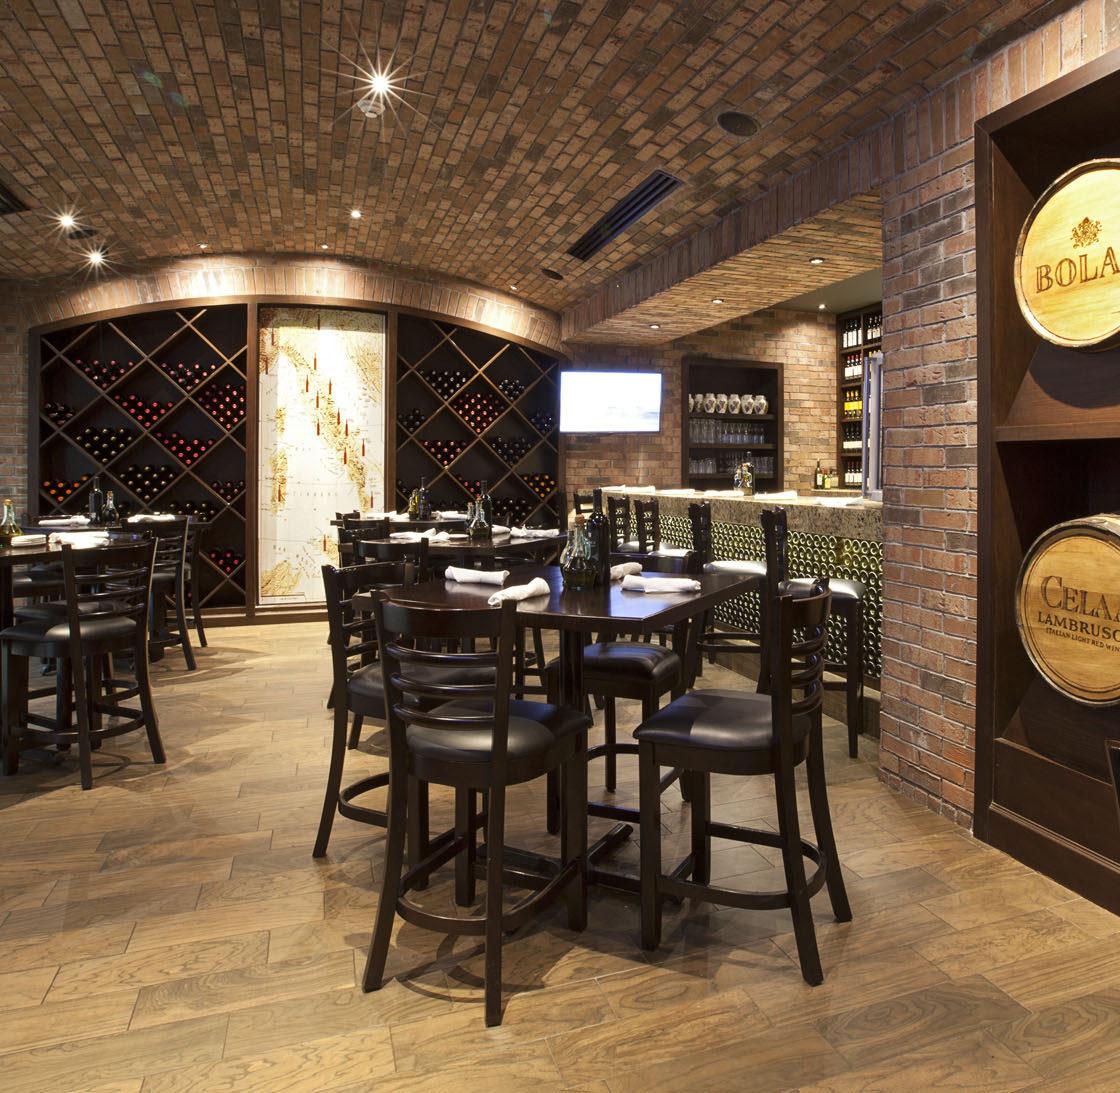 Restaurantes Italianni's